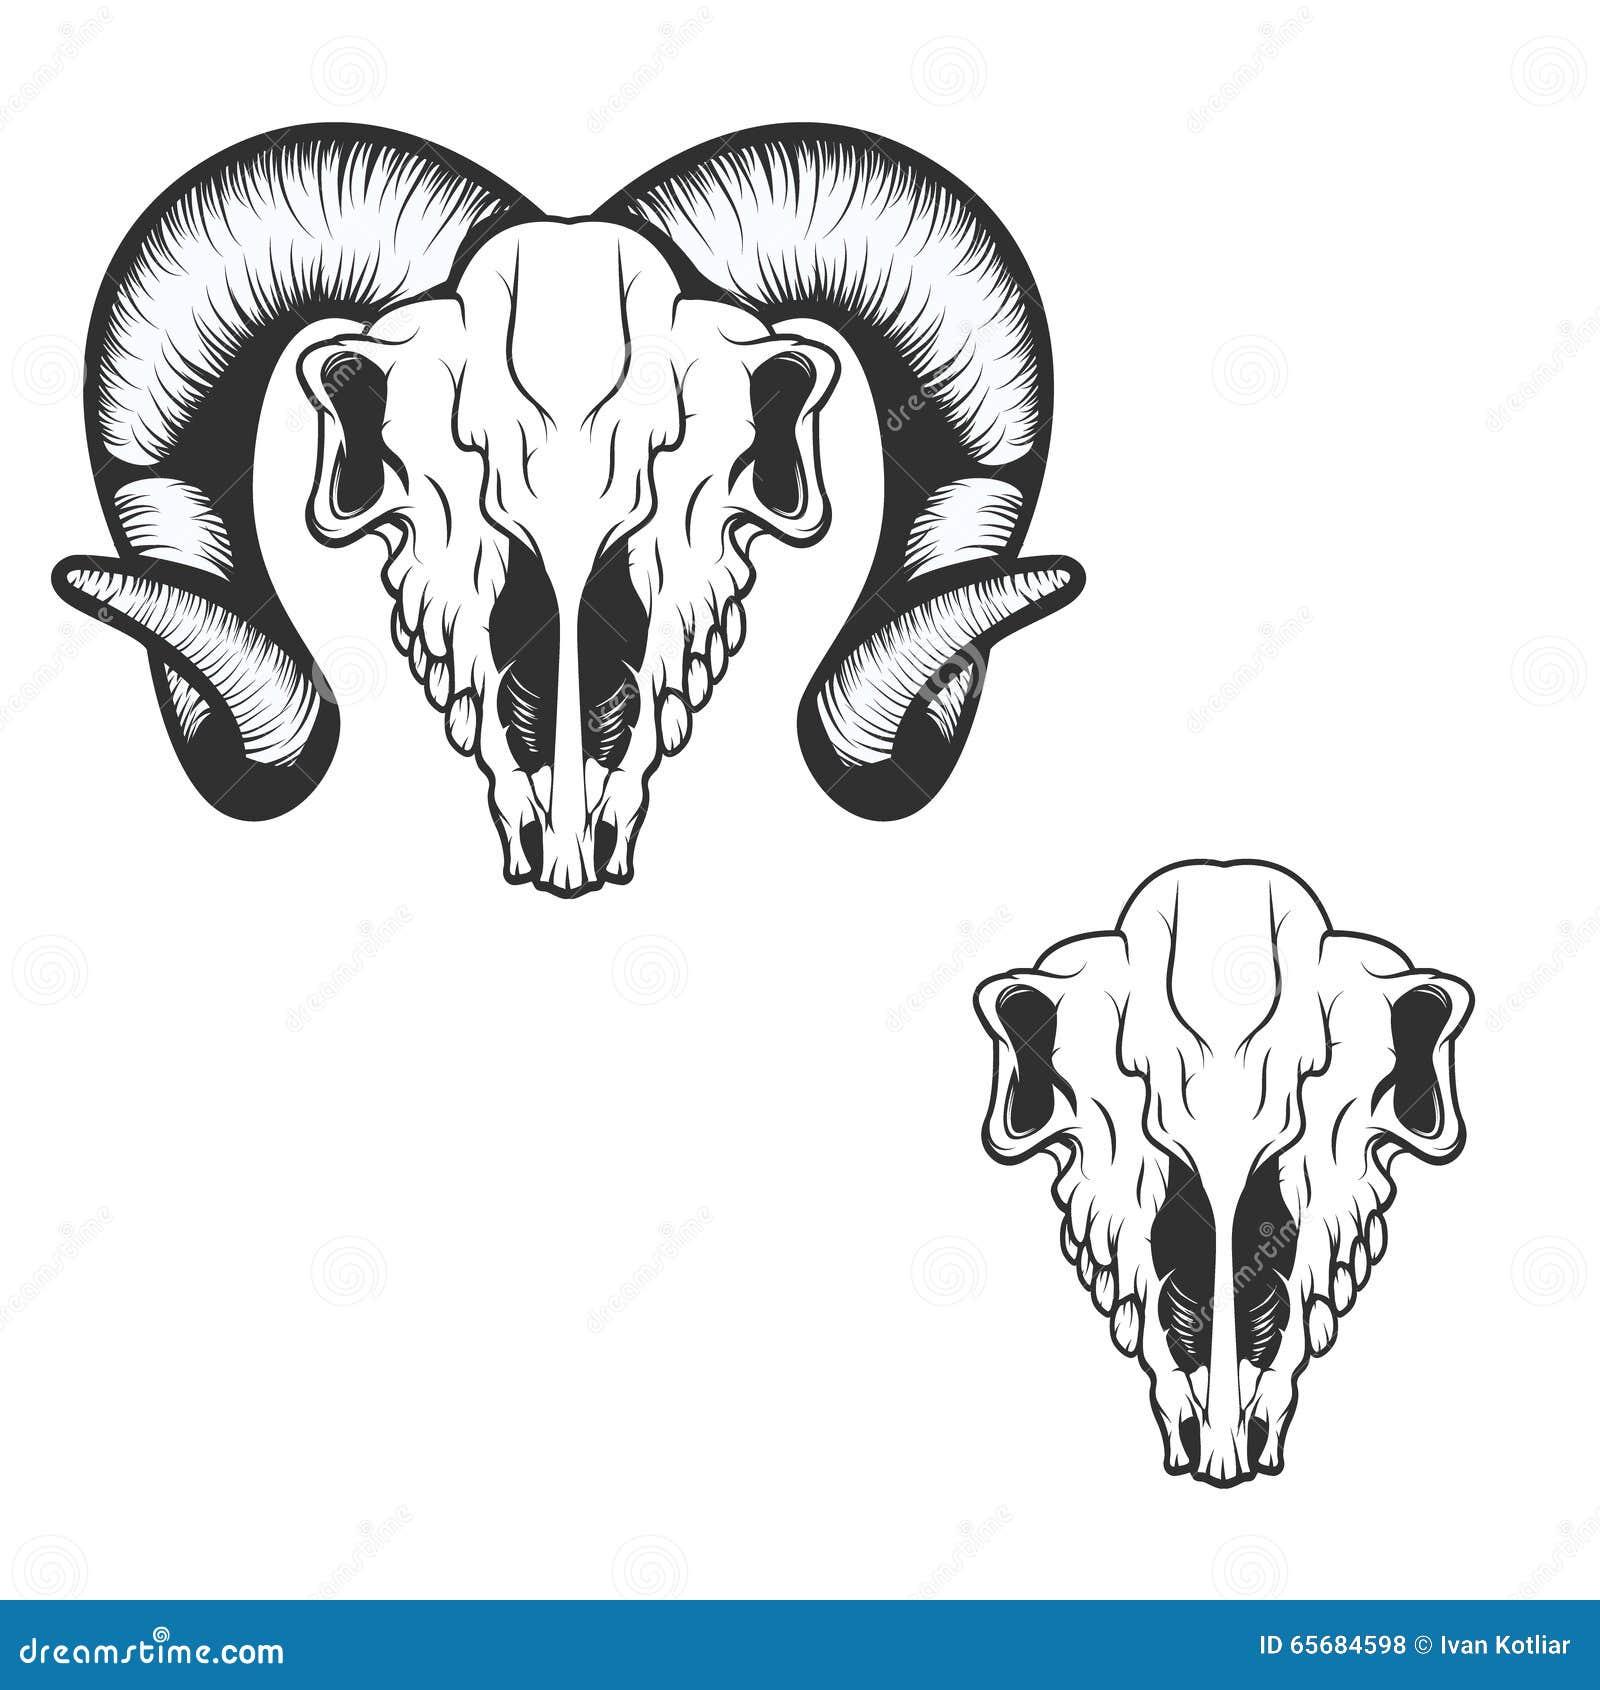 Рисунки черепов баранов